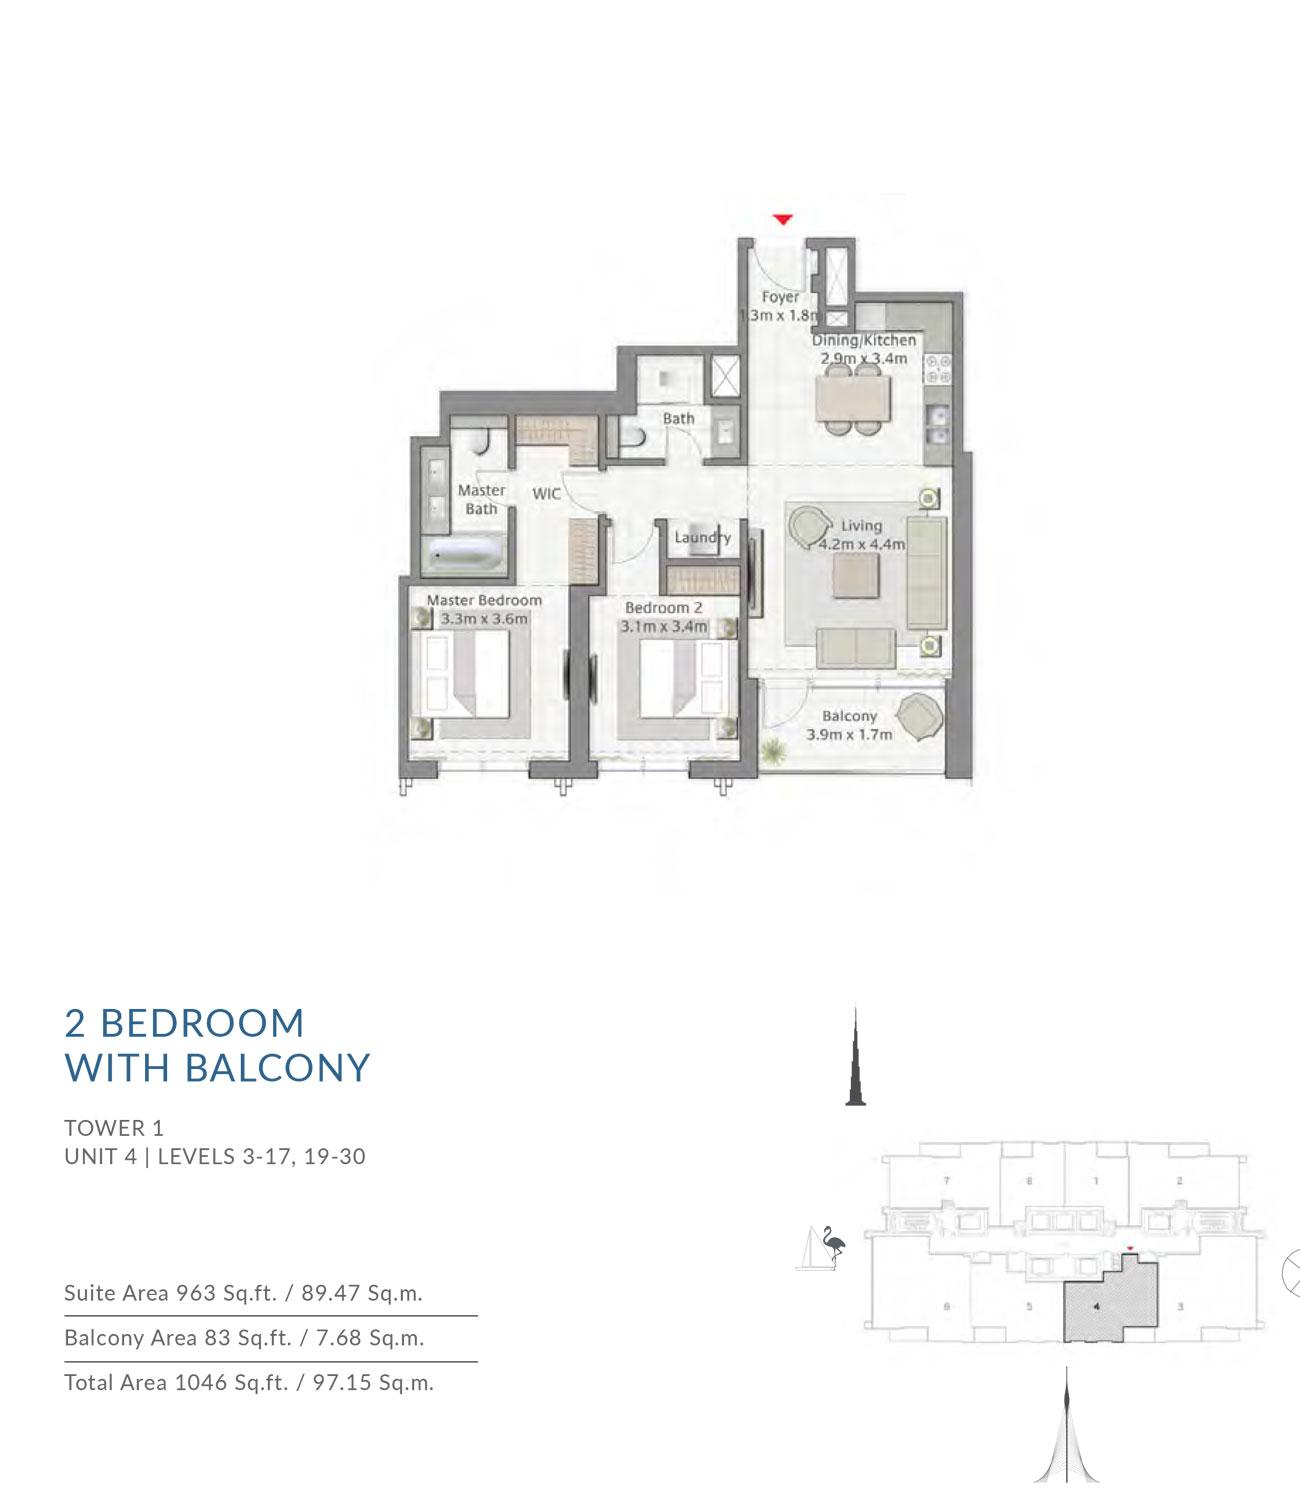 2 BEDROOM -Floor Plan